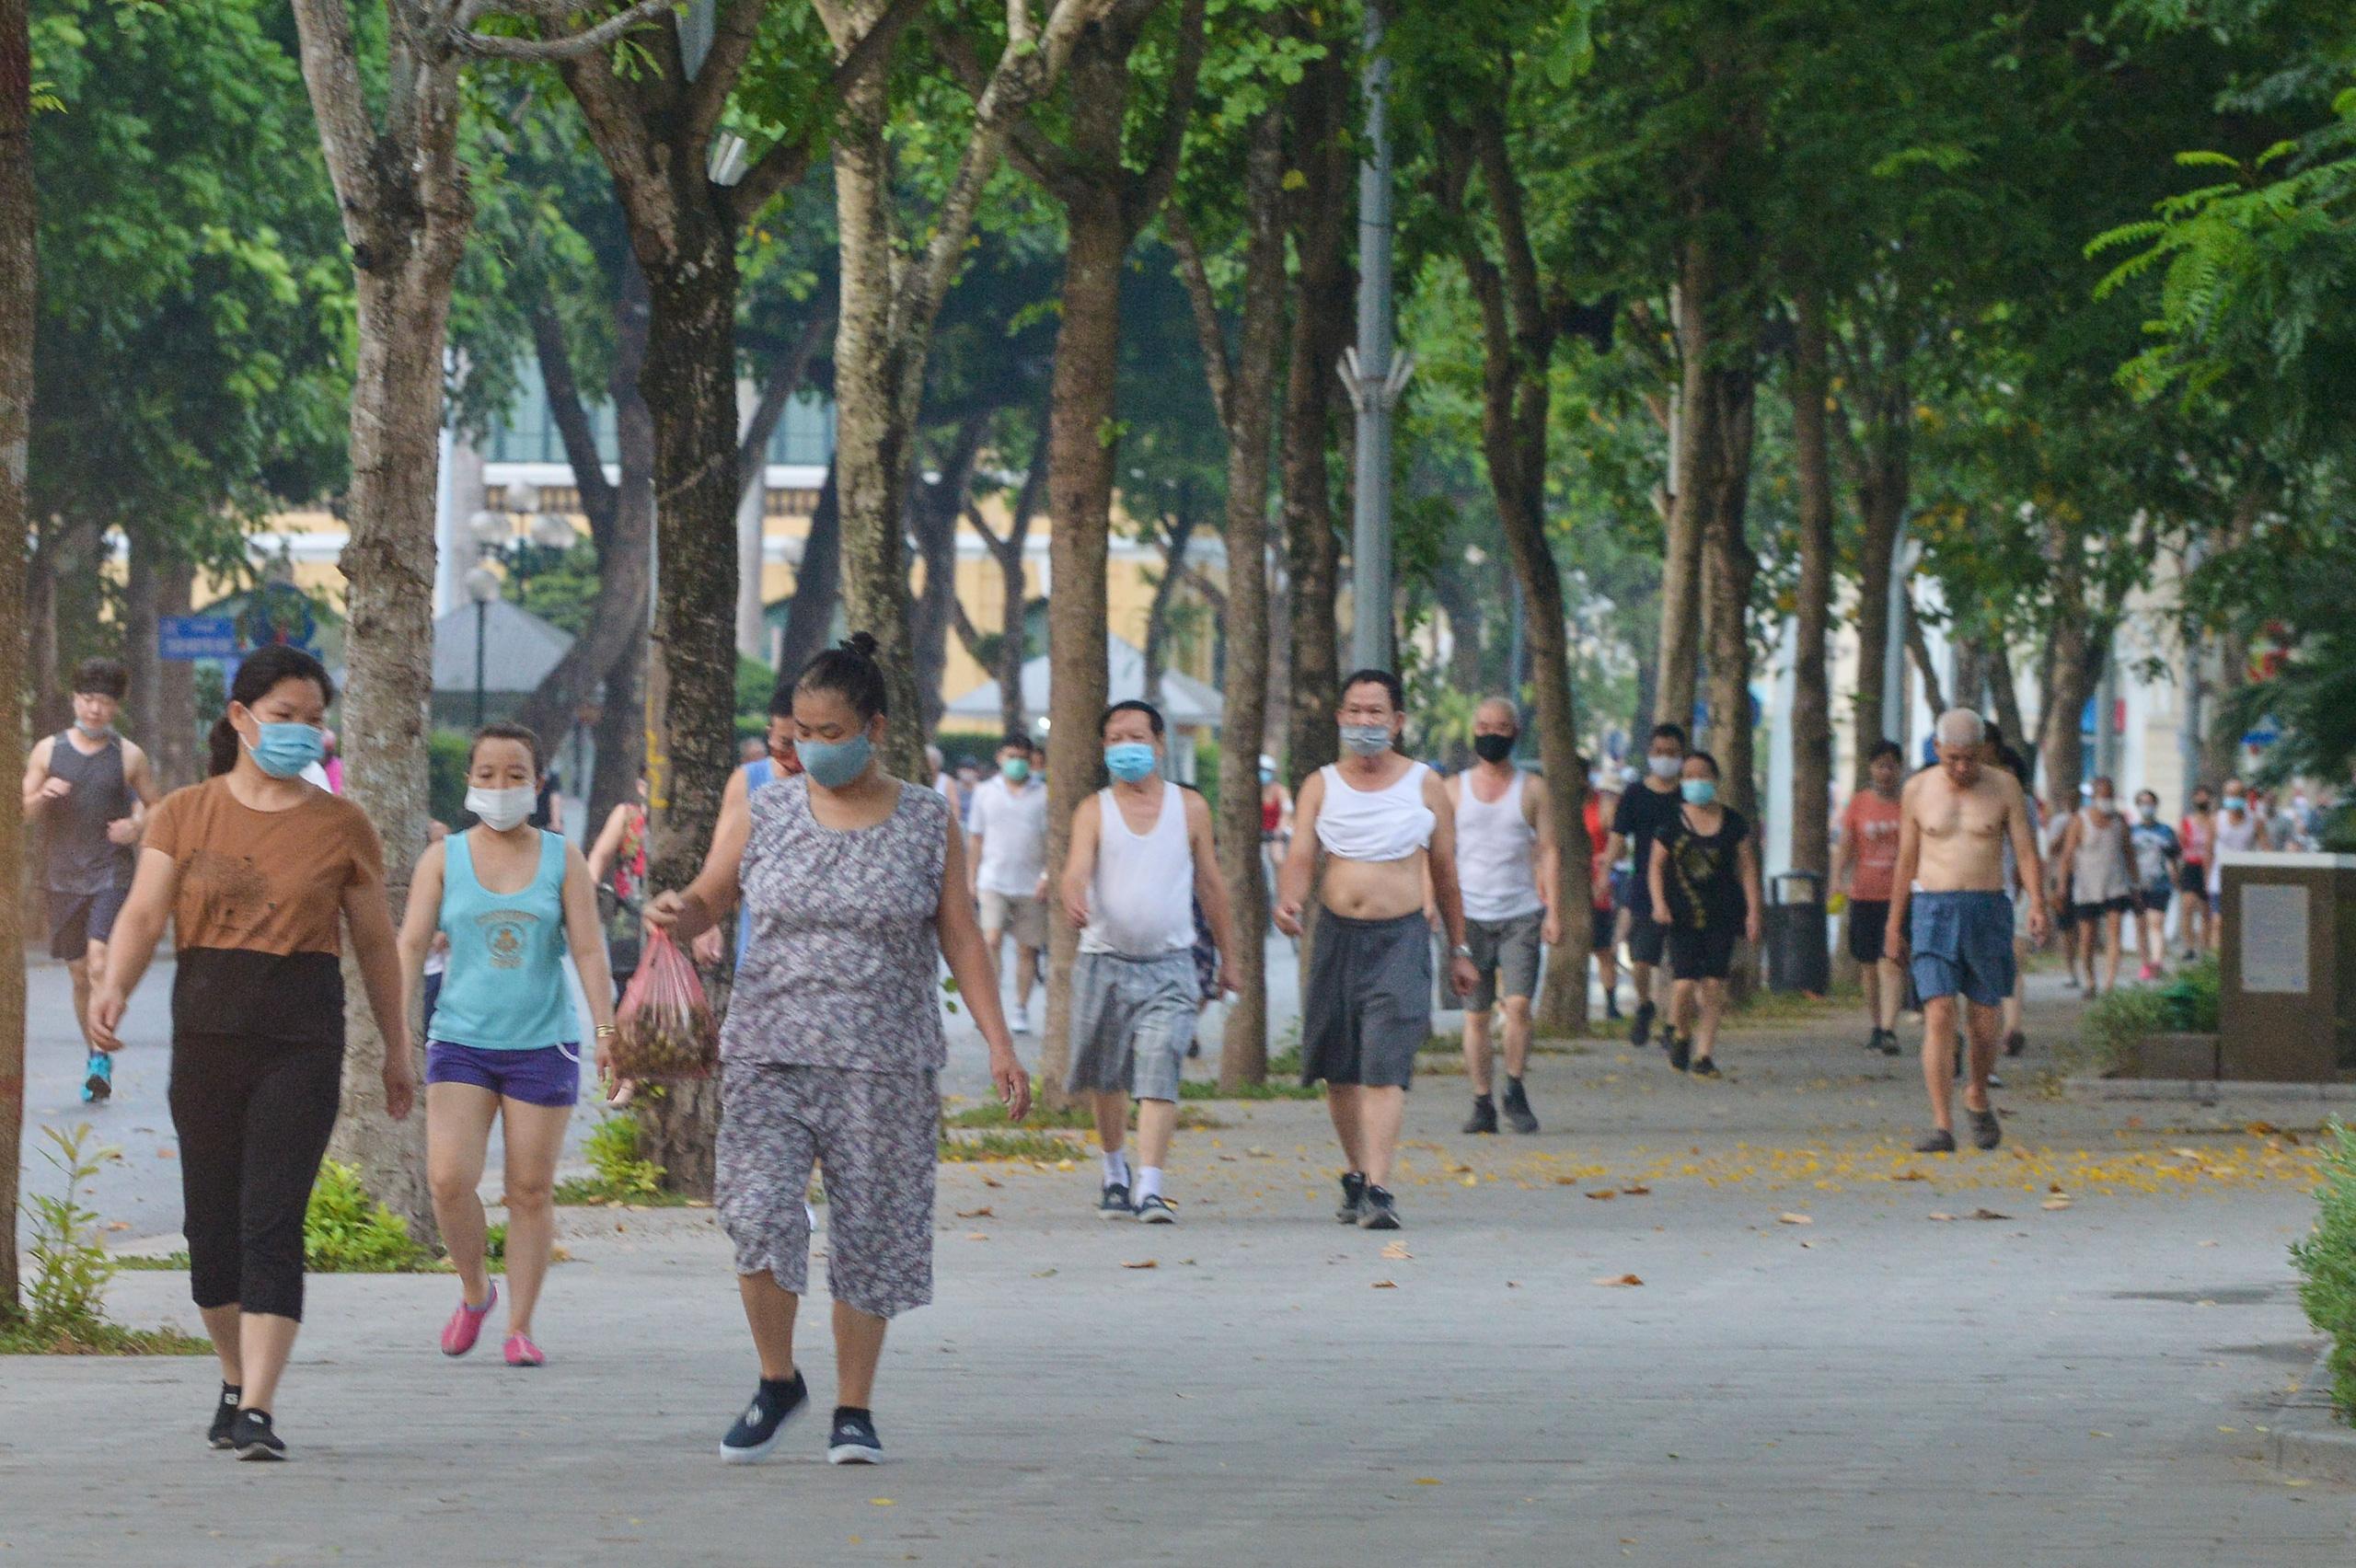 Hàng trăm người dân tập thể dục, đạp xe quanh hồ Gươm bất chấp dịch quy định phòng dịch Covid-19 - Ảnh 2.